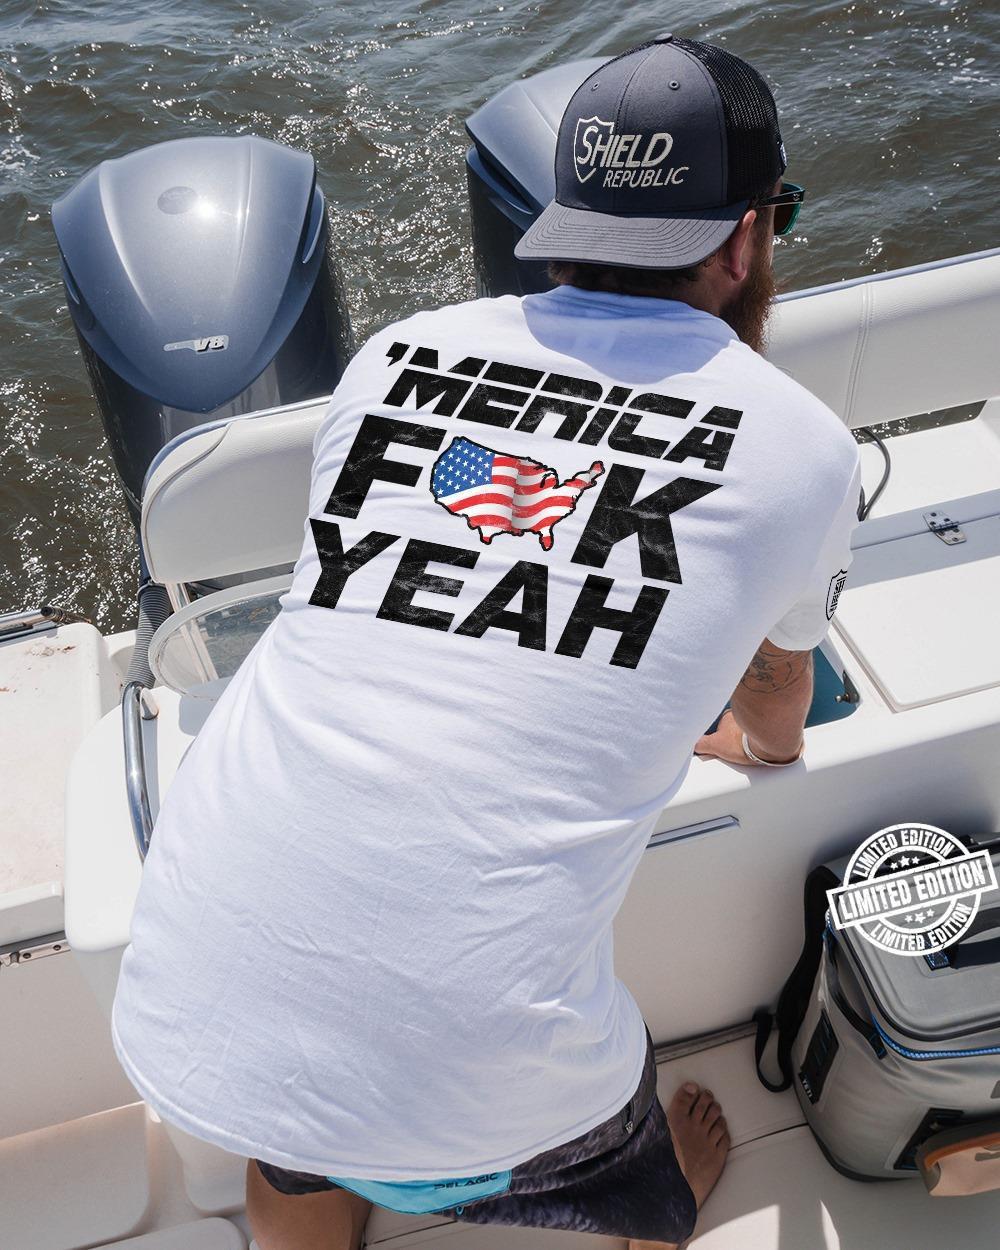 Merica fuck yeah shirt